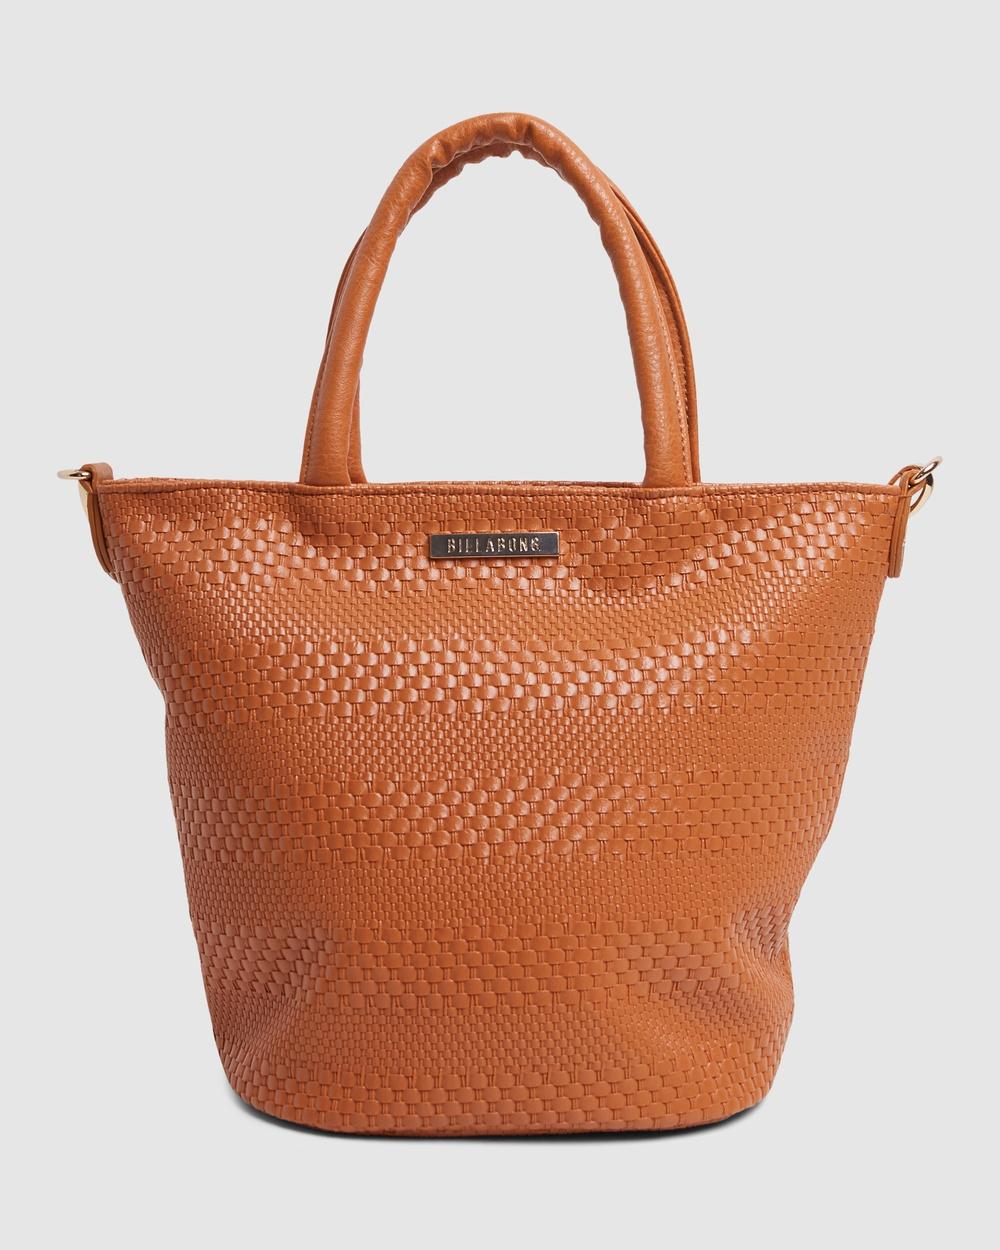 Billabong Brunchin Carry Bag Bags TAN